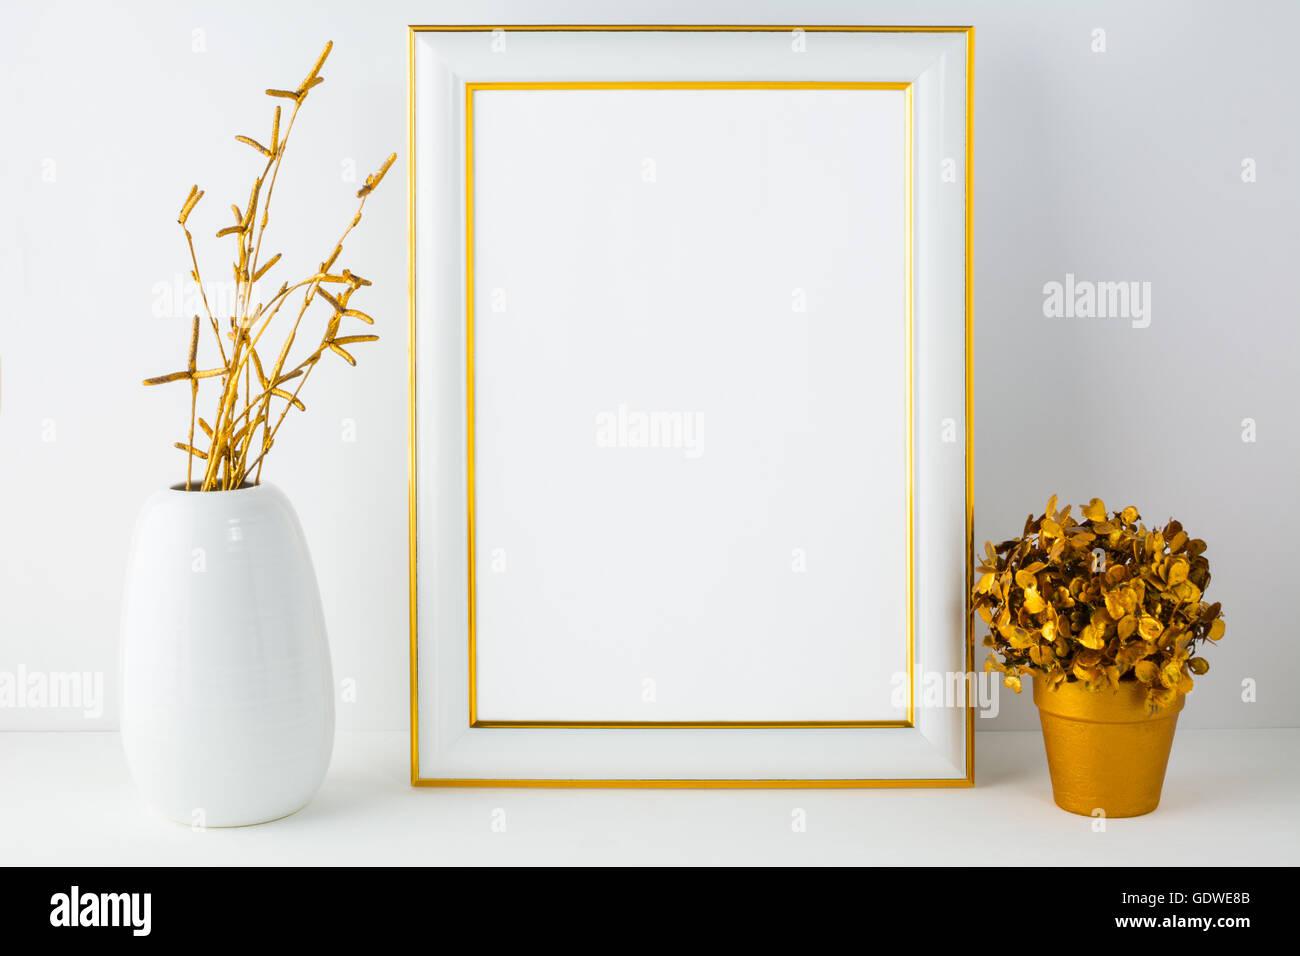 Frame-Modell mit weißen Vase und goldenen Blumentopf. Porträt oder ...